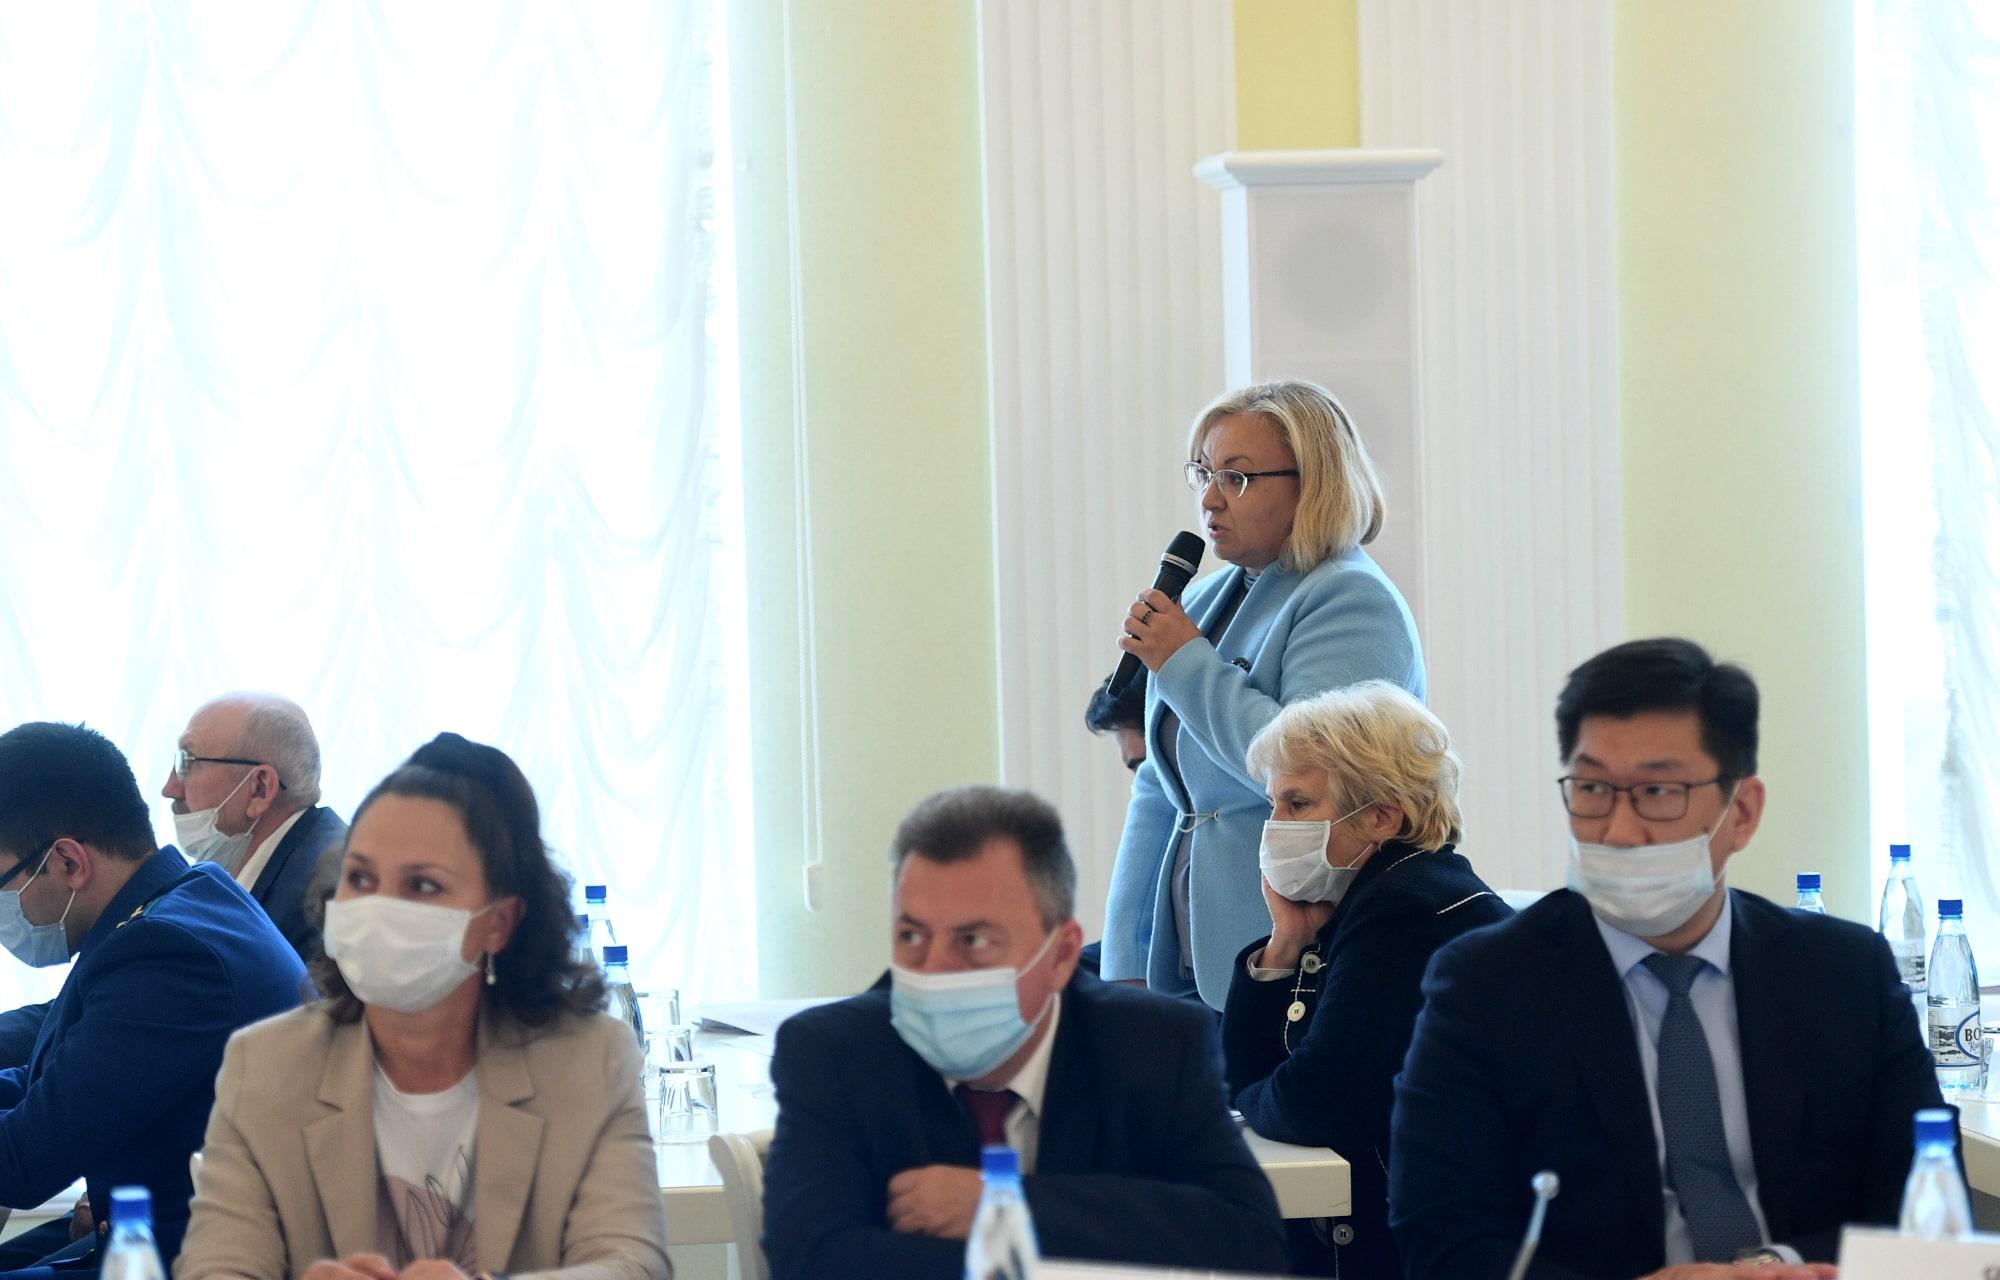 В Тверской области расширяют поддержку семей с детьми, вводят новые детские сады и спортивные объекты